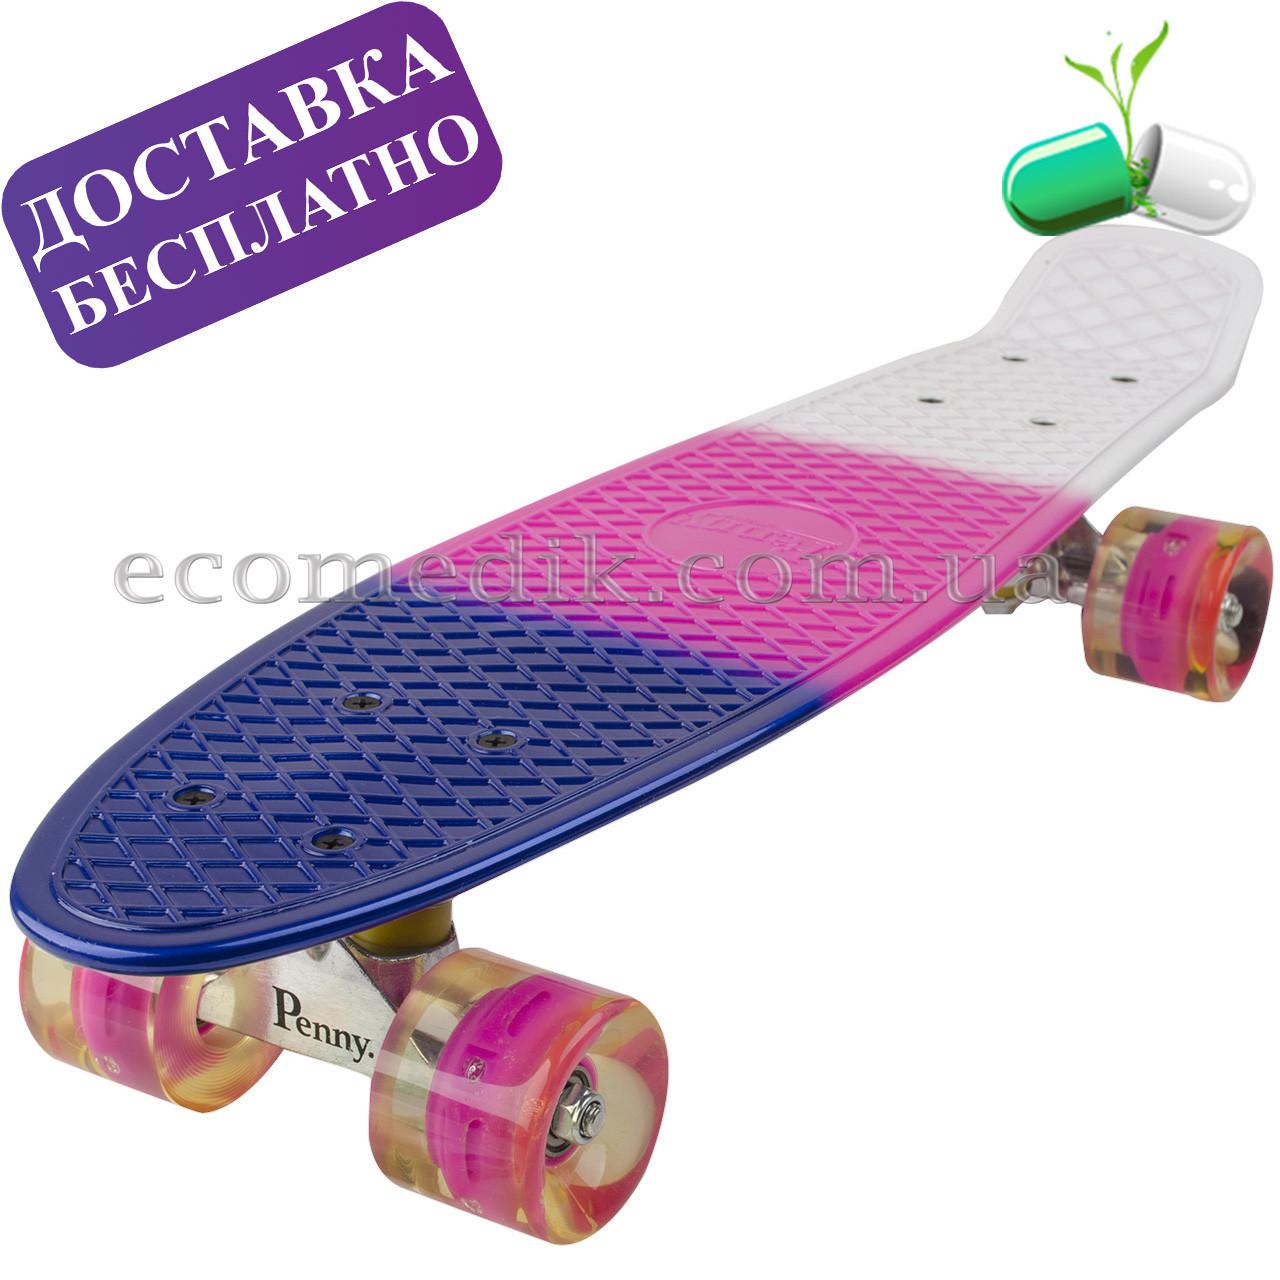 Красивый пенни борд с рисунком трехцветный синий розовый белый penny board с светящимися колесами